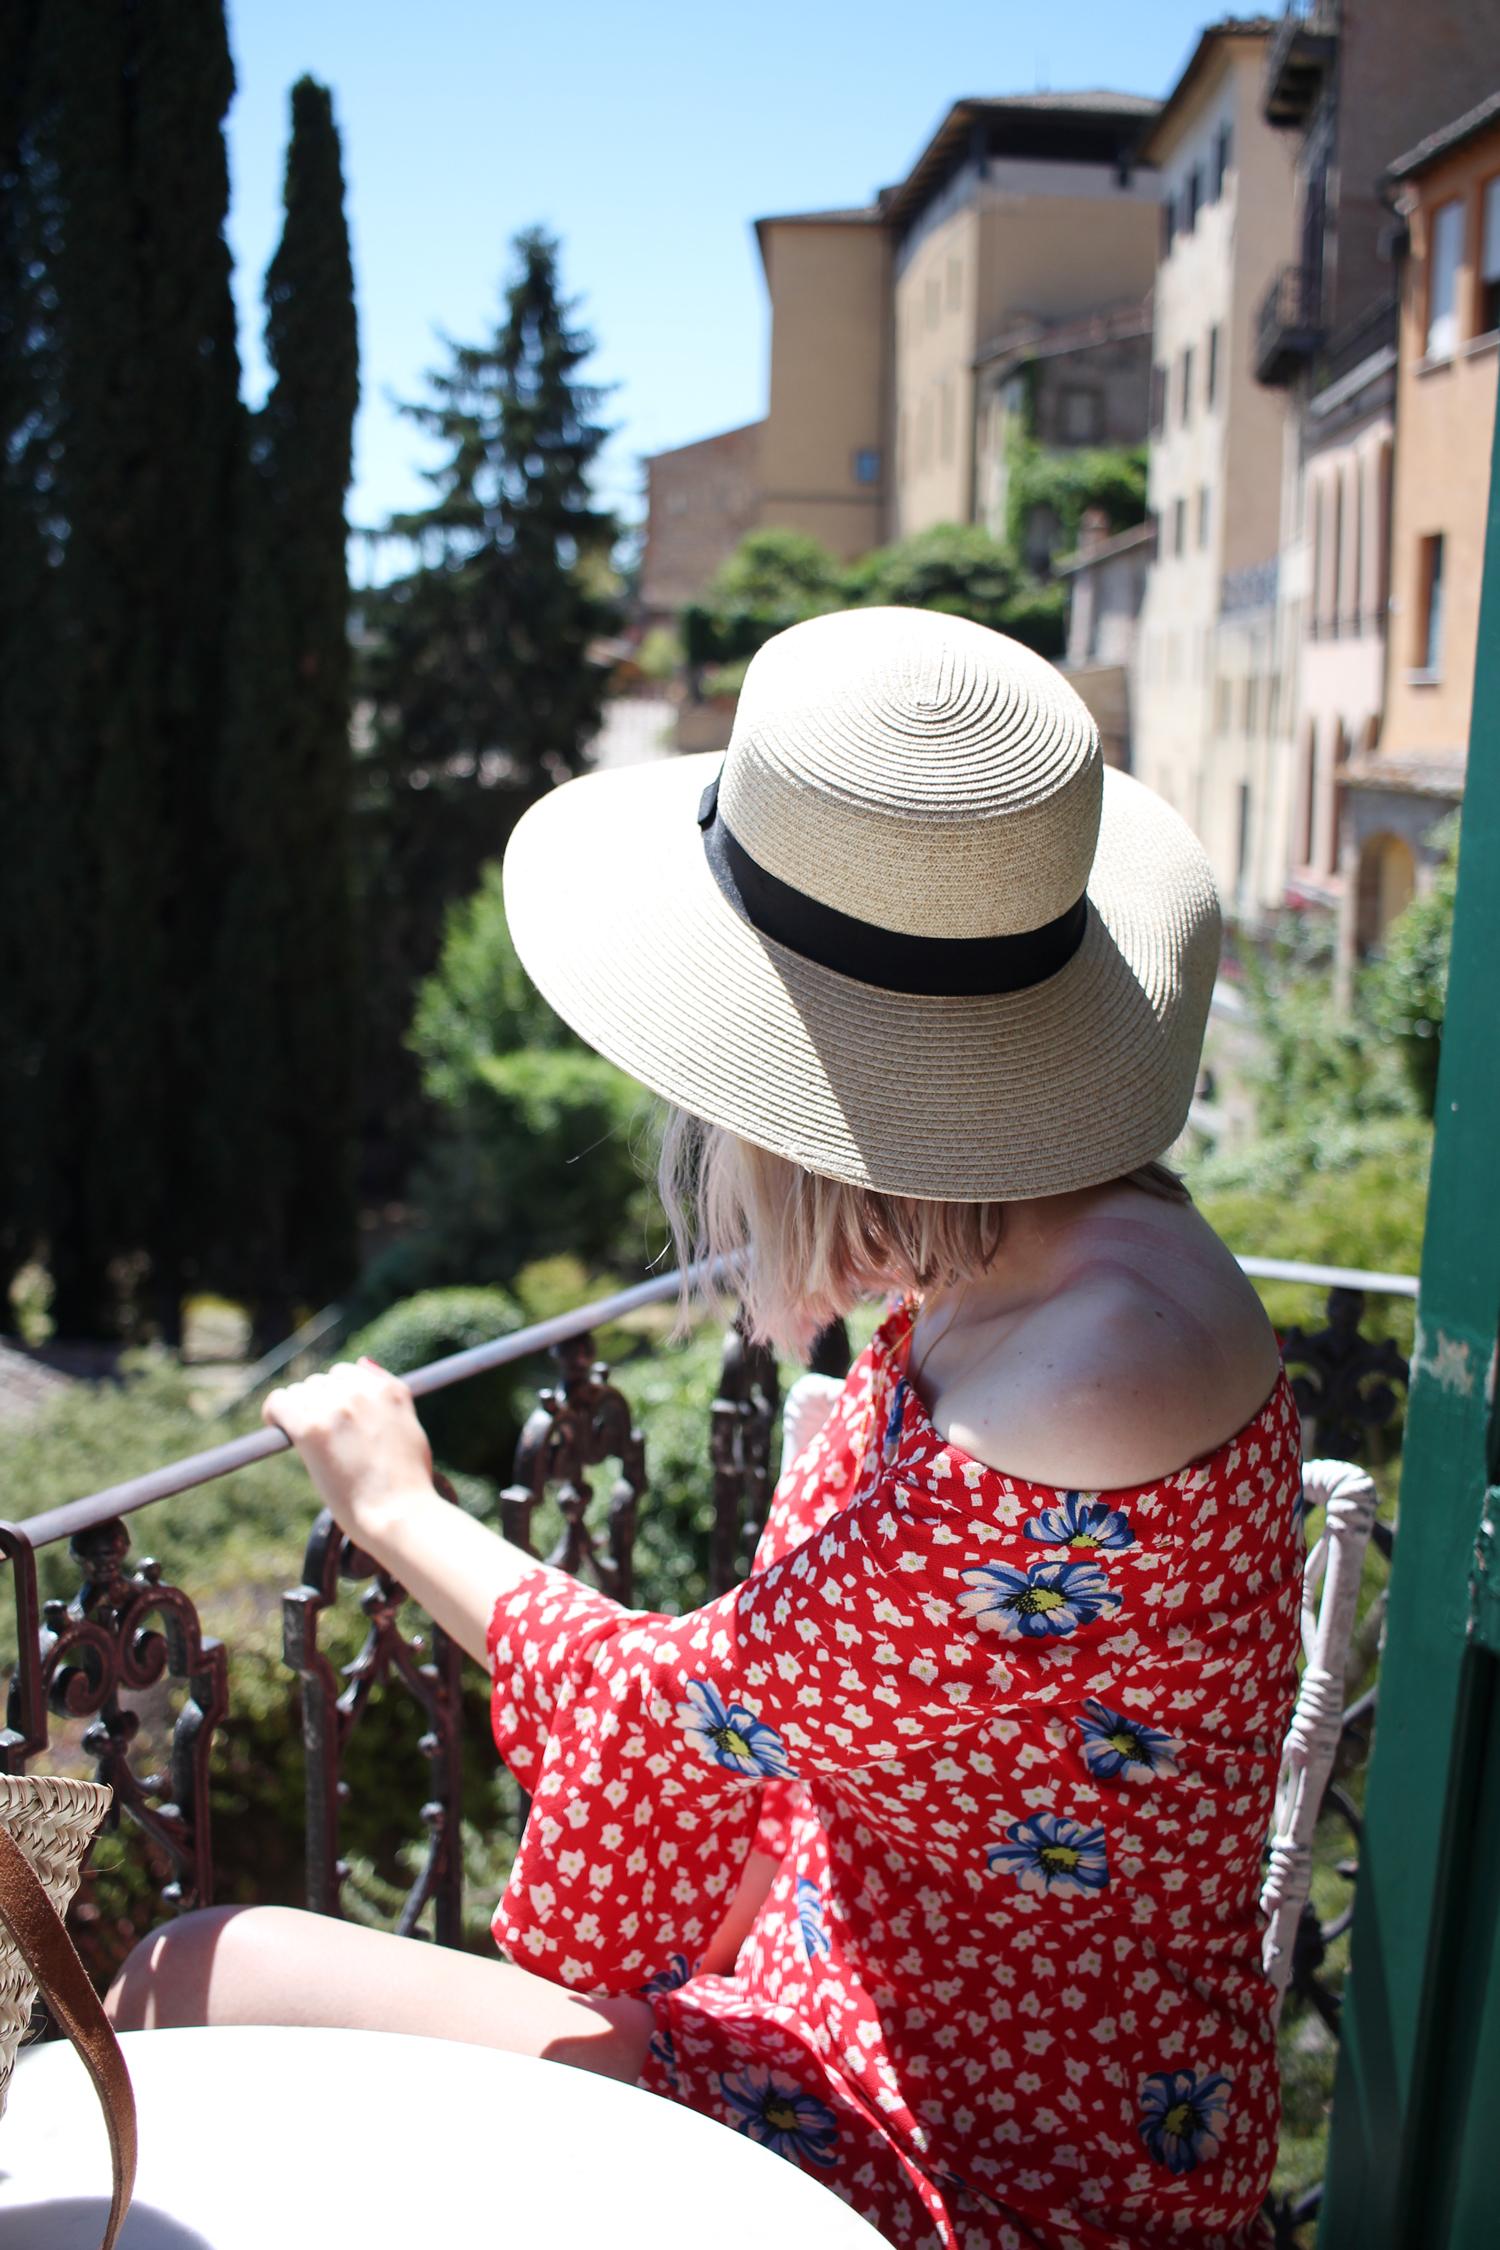 tuscany-italy-montepulciano-travel-blogger-14